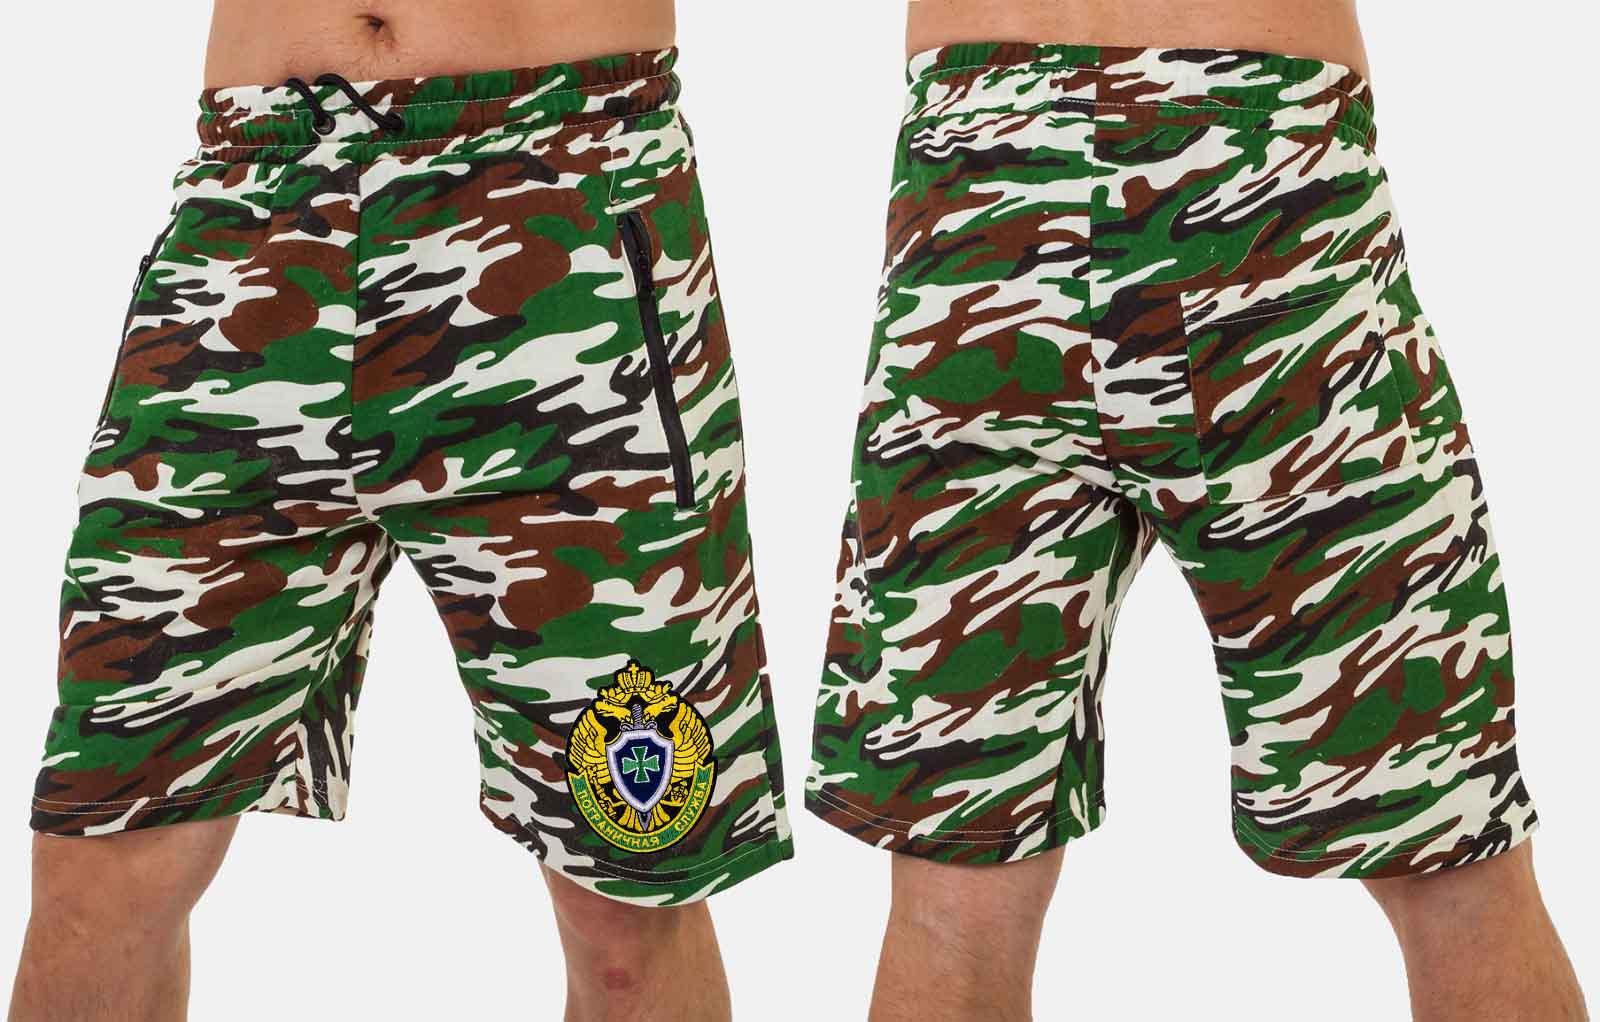 Мужские камуфляжные шорты с шевроном Погранслужбы купить в подарок